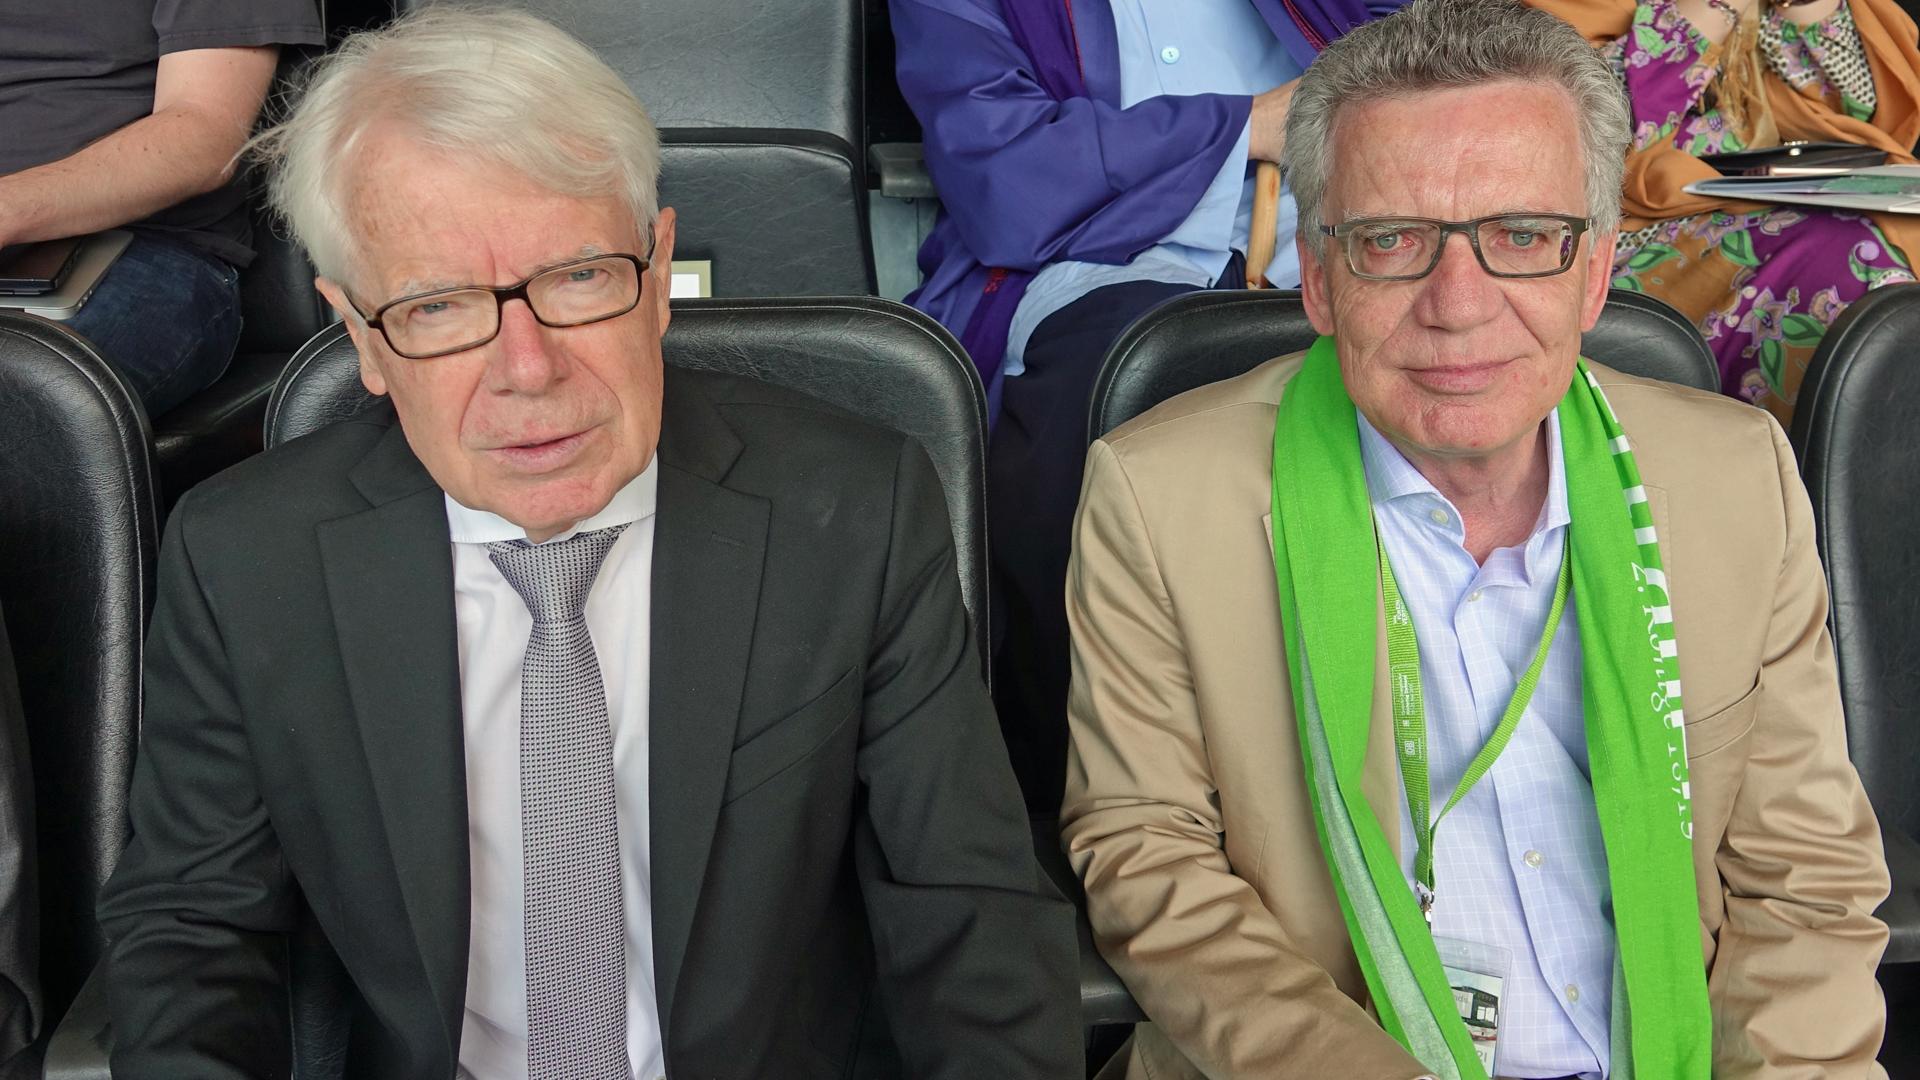 Der Präsident von Borussia Dortmund, Reinhard Rauball (l.), und der CDU-Politiker und ehemalige Innenminister Thomas de Maizière beim Abschlussgottesdienst am Sonntag